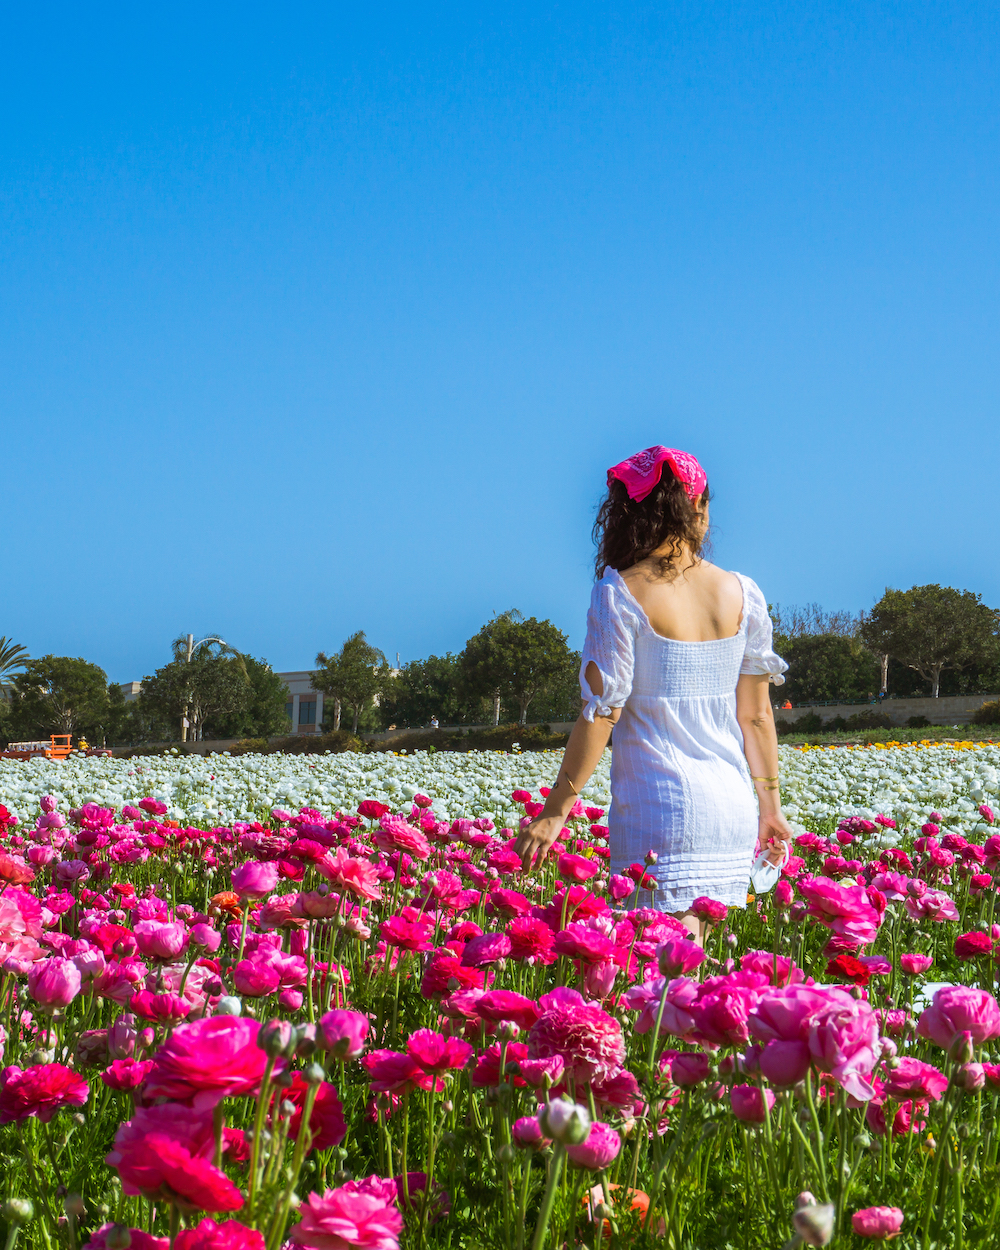 woman in white dress in ranunculus flower field carlsbad